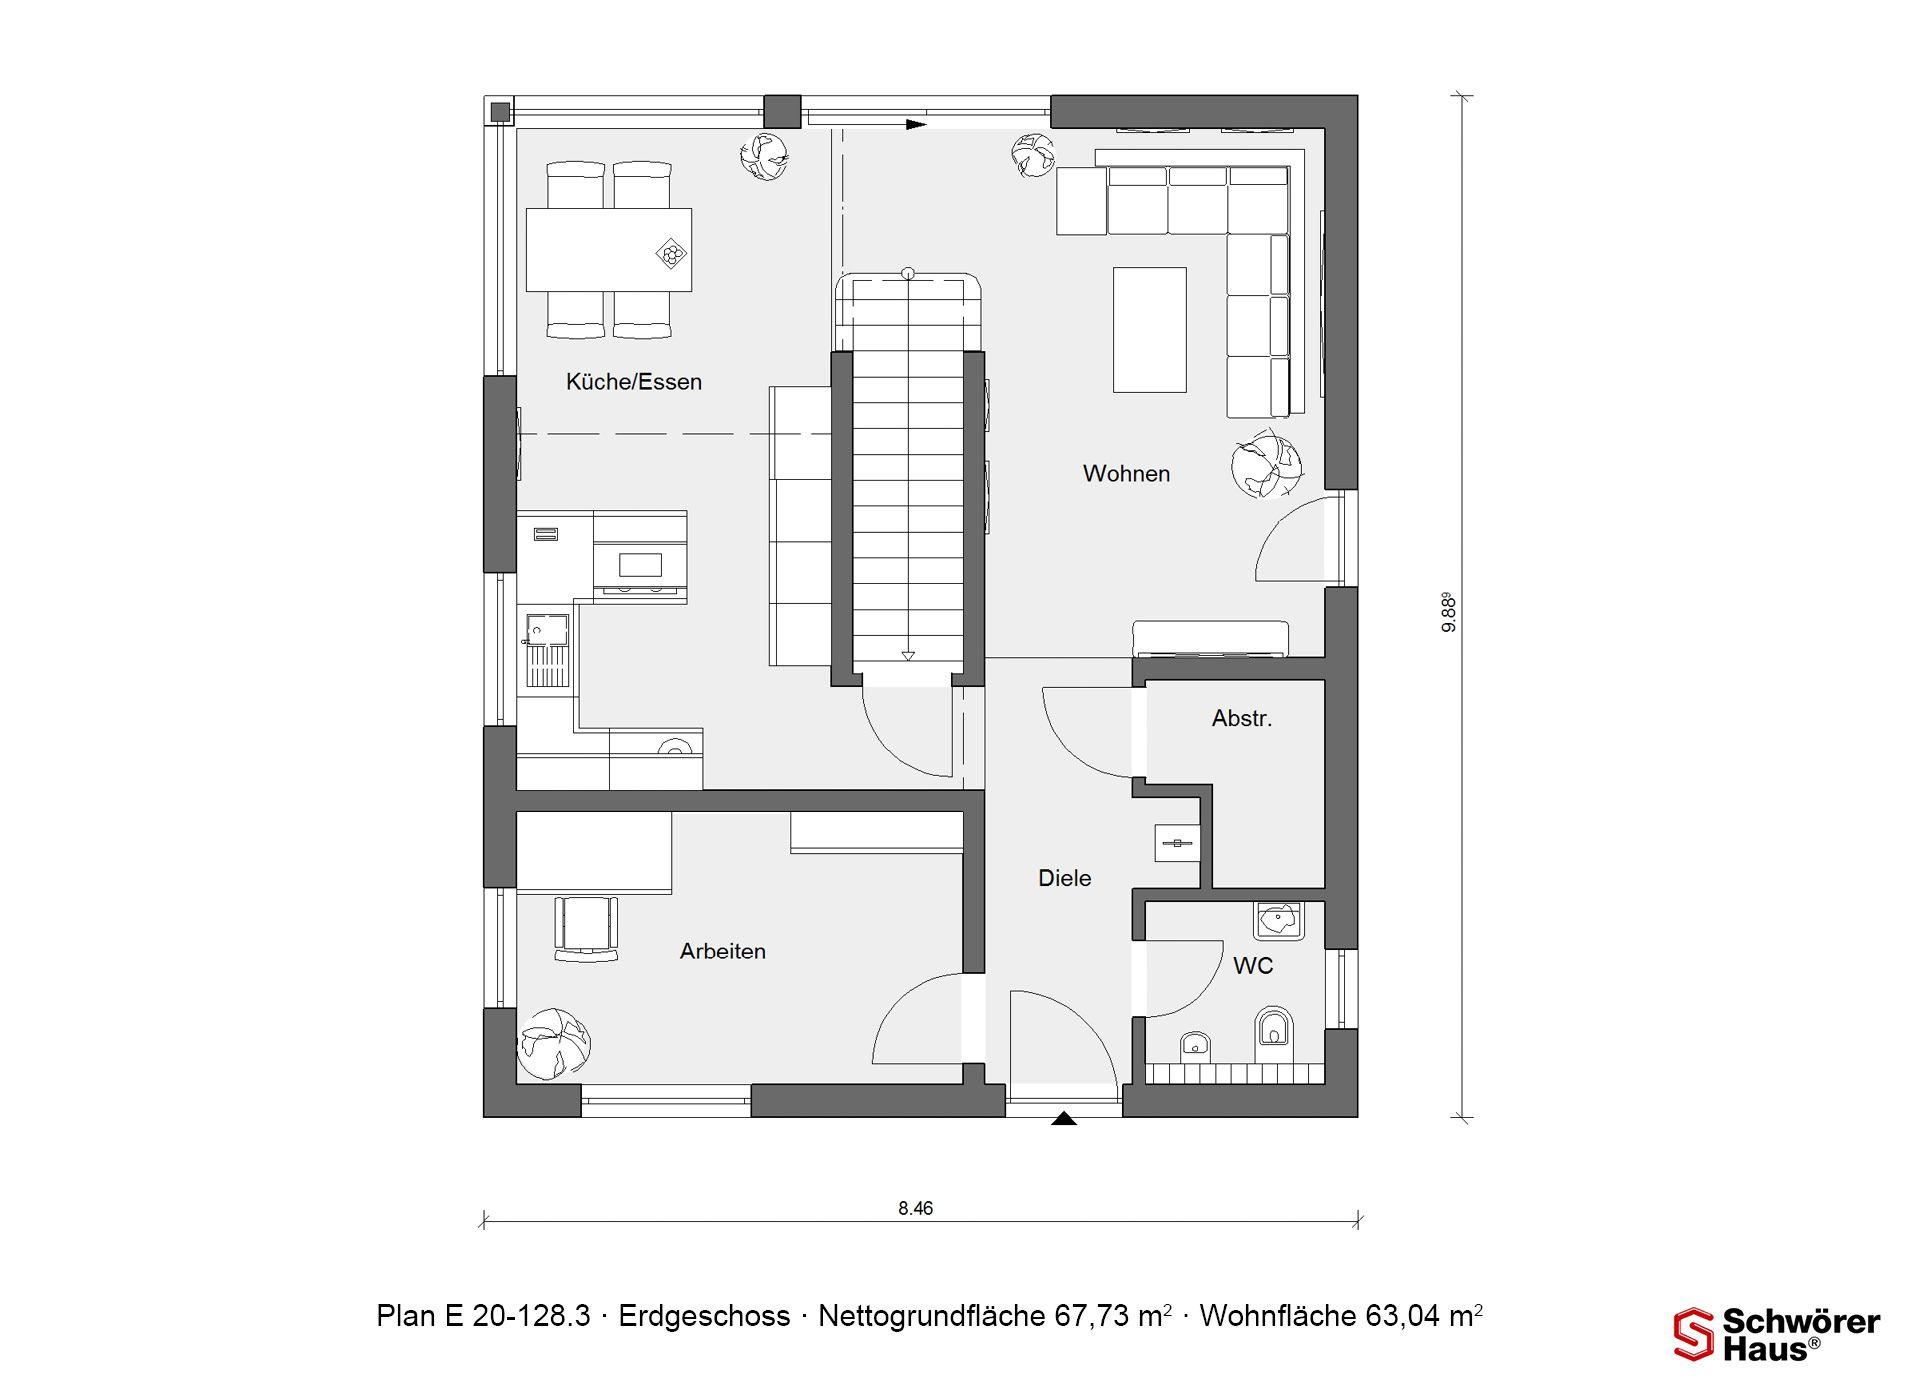 Fertighaus mit 120 qm E 20128.3 SchwörerHaus